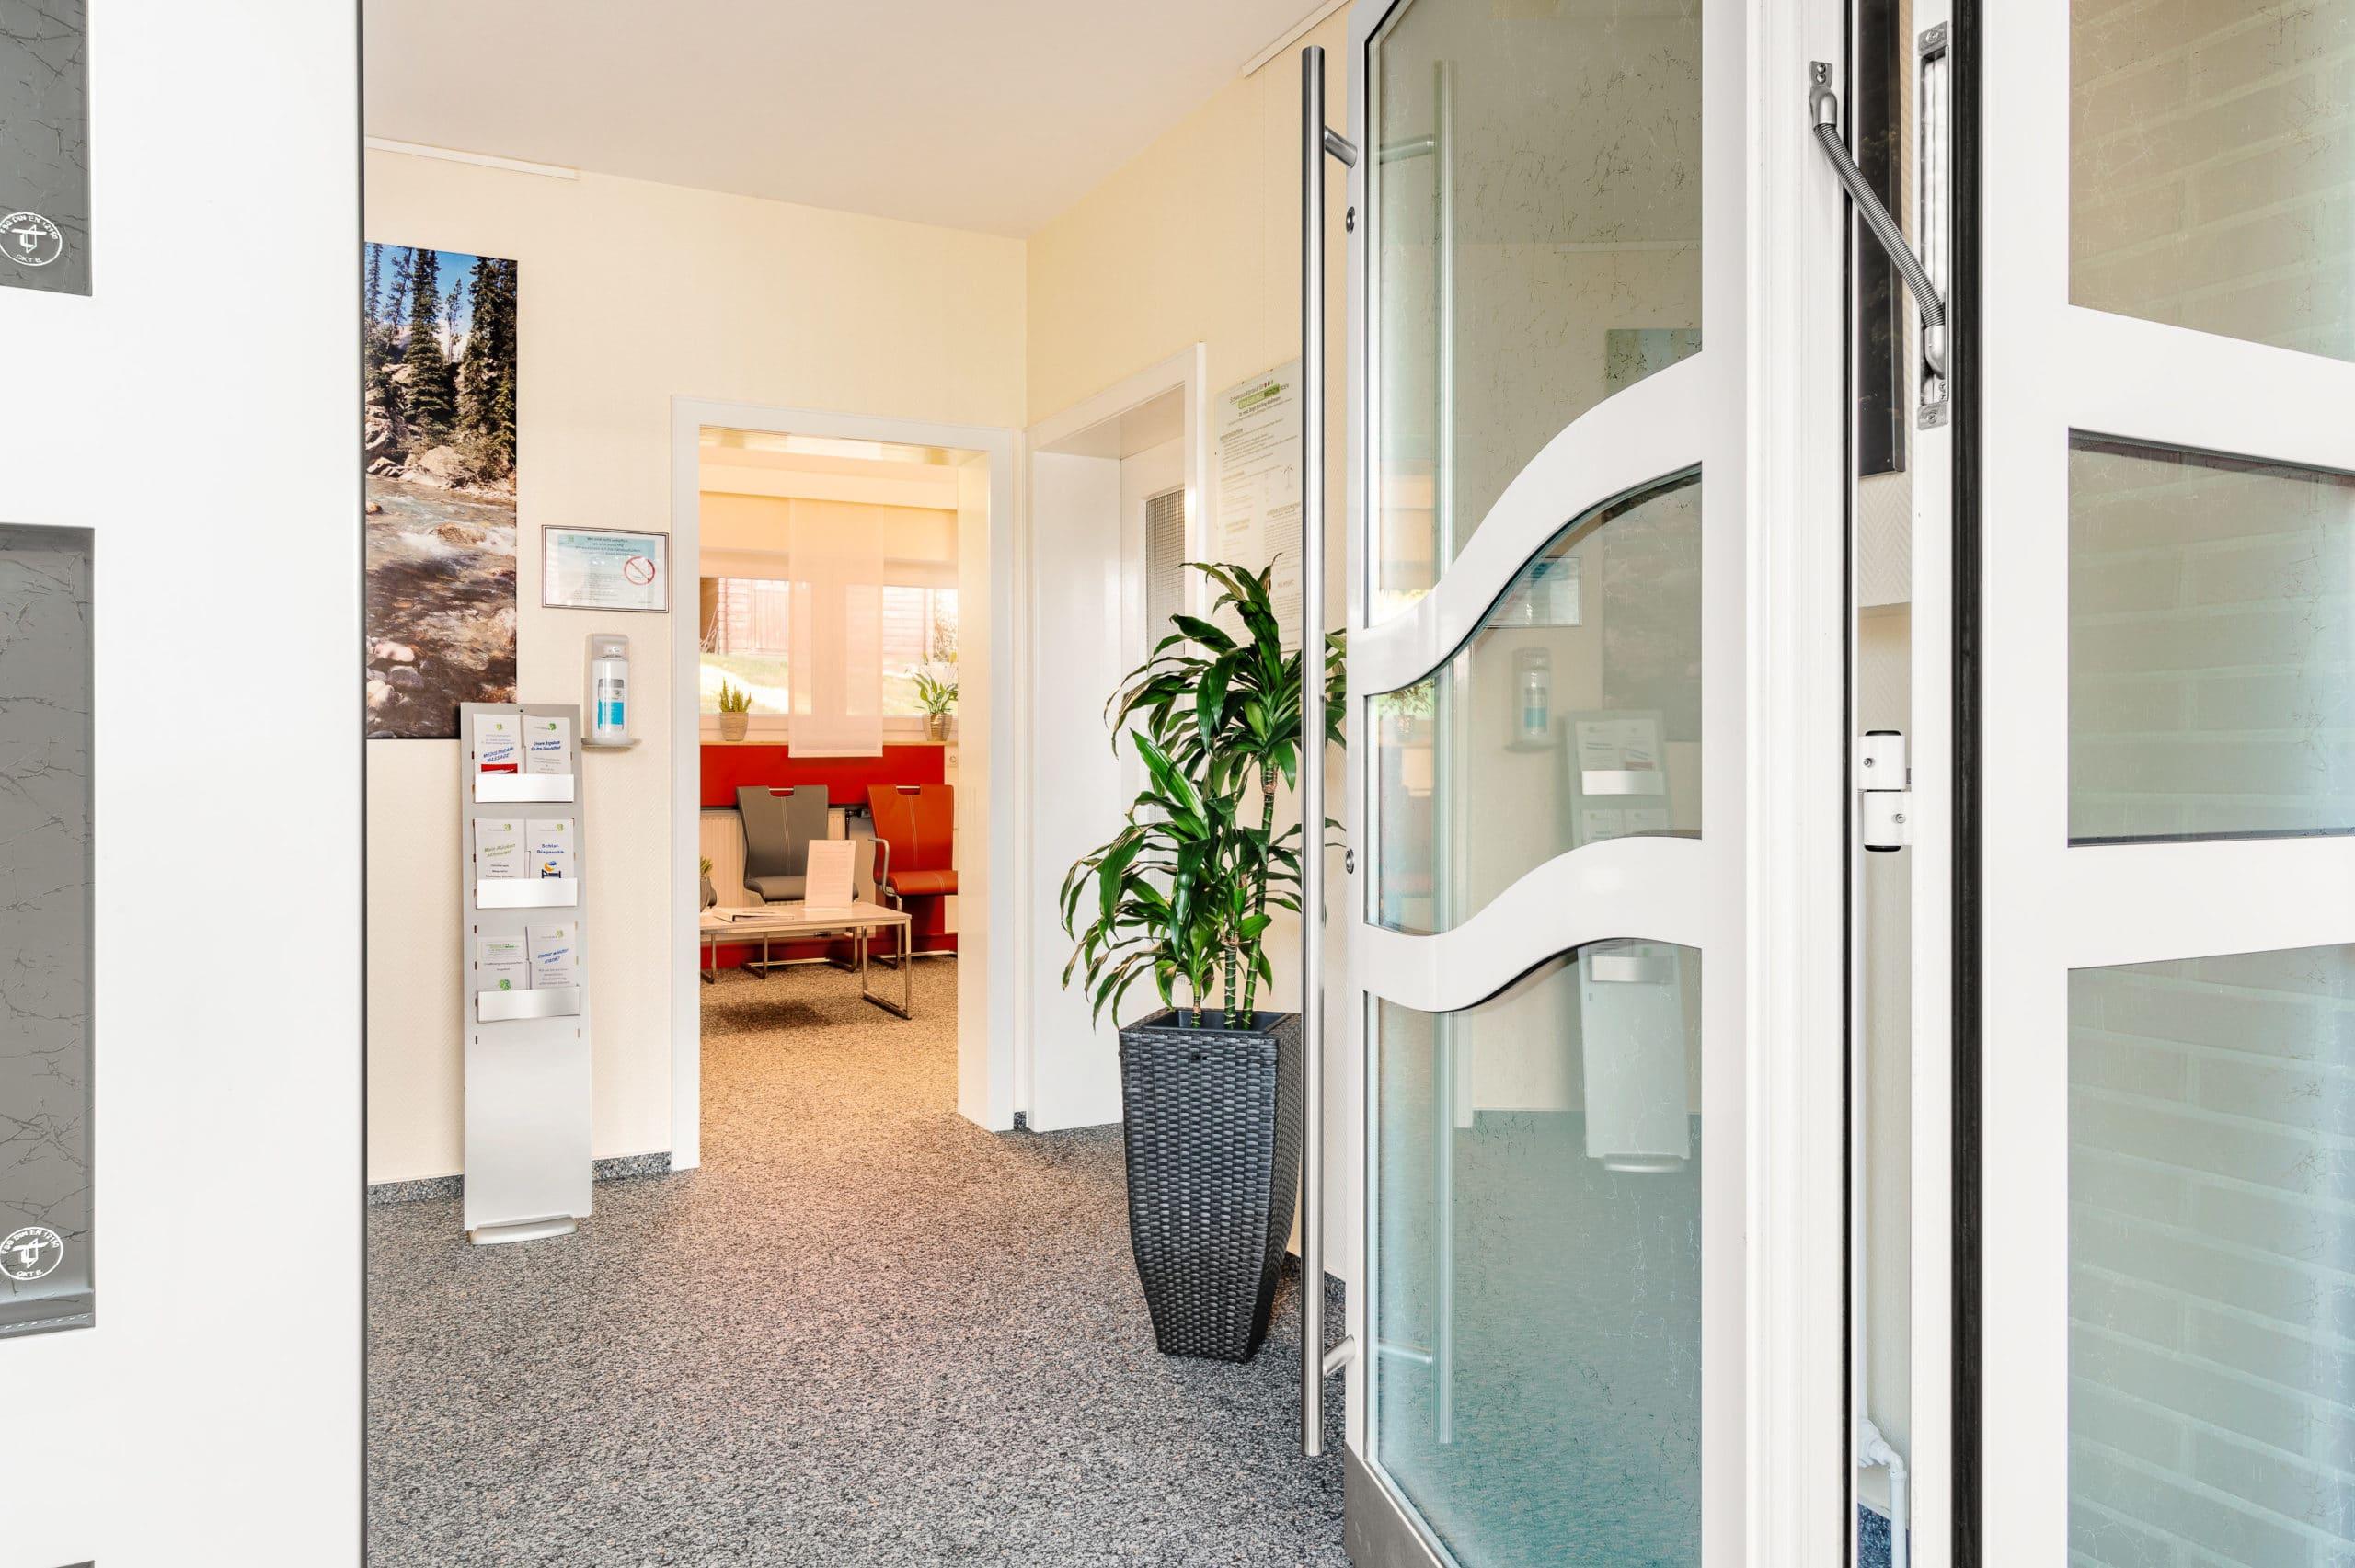 Fotografie des Eingangsbereichs einer Arztpraxis im Tecklenburger Land  Architekturfotograf für Praxisfotografie in Osnabrück Münster Bielefeld NRW Niedersachsen und bundesweit